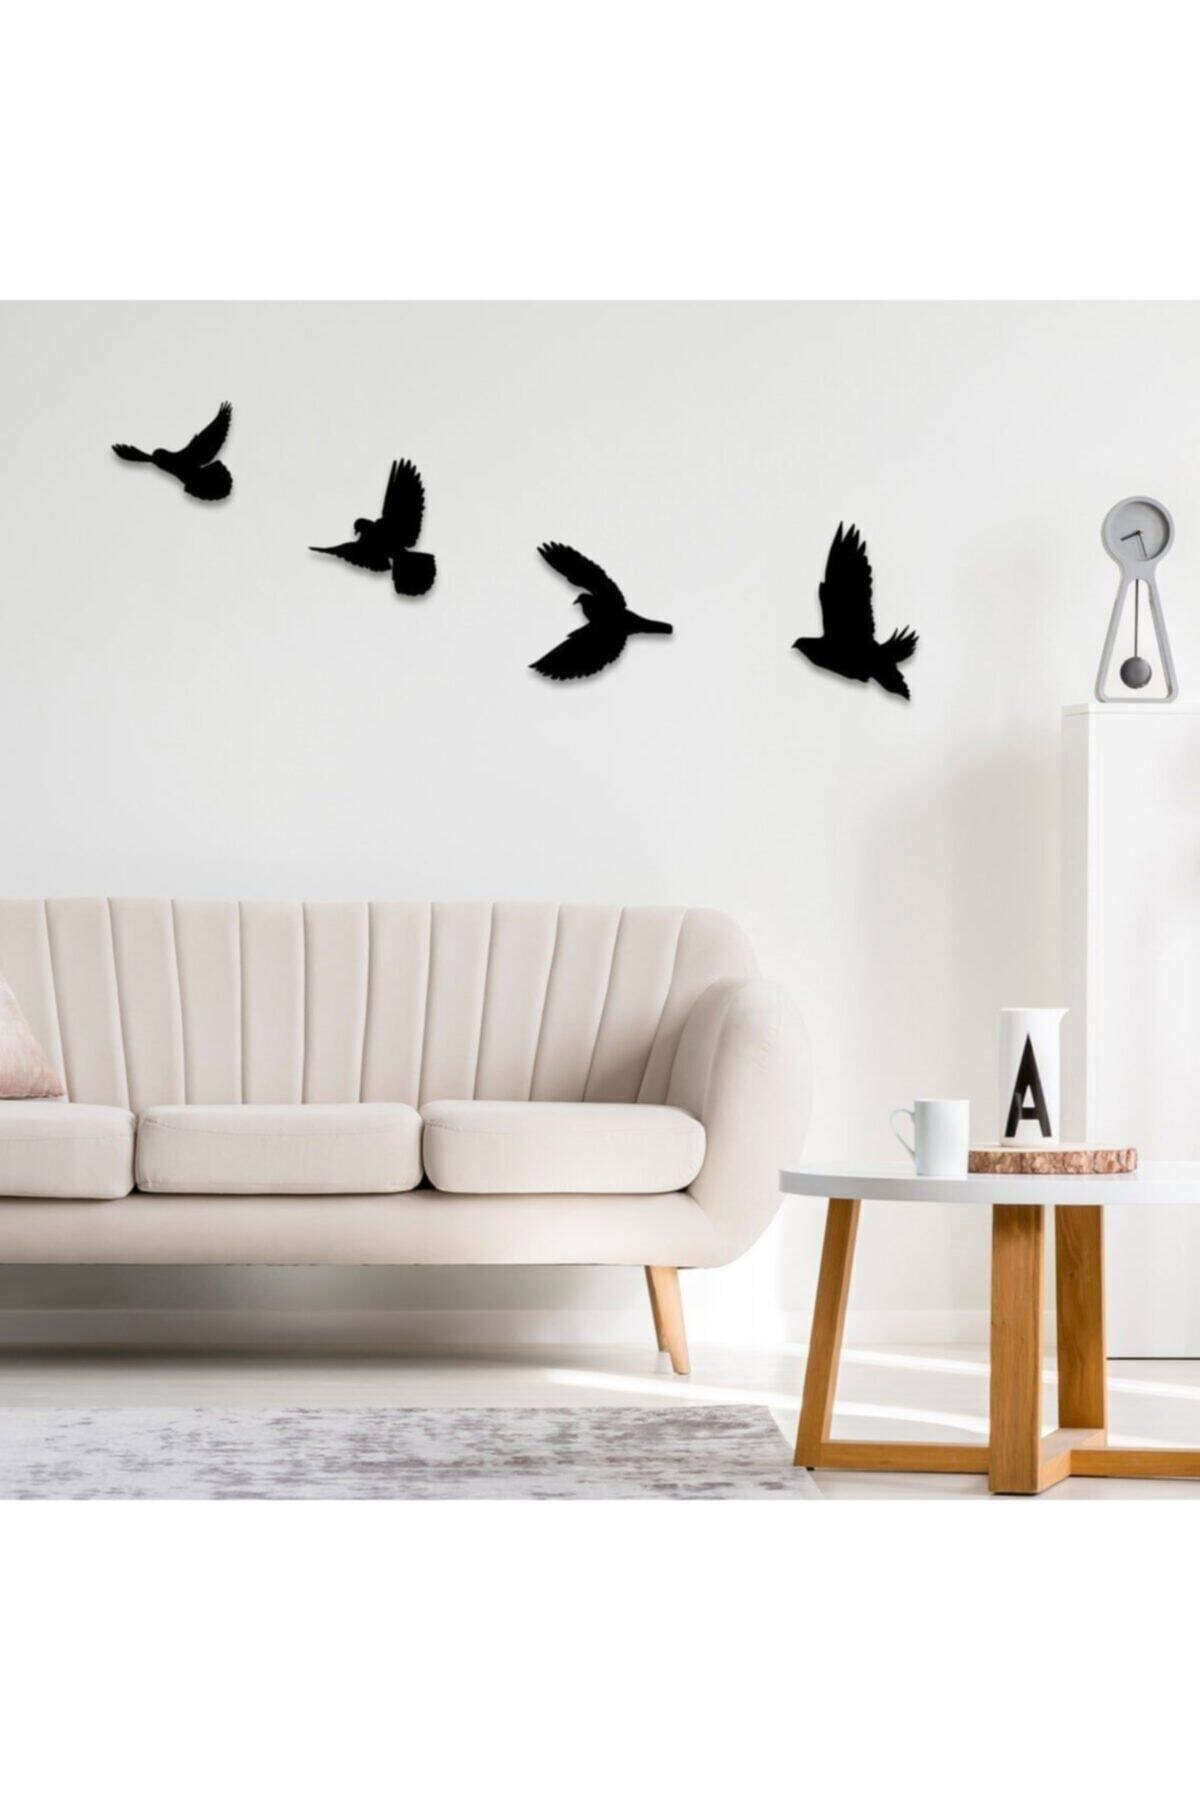 4'lü Dekoratif Ahşap Kuş Duvar Dekoru